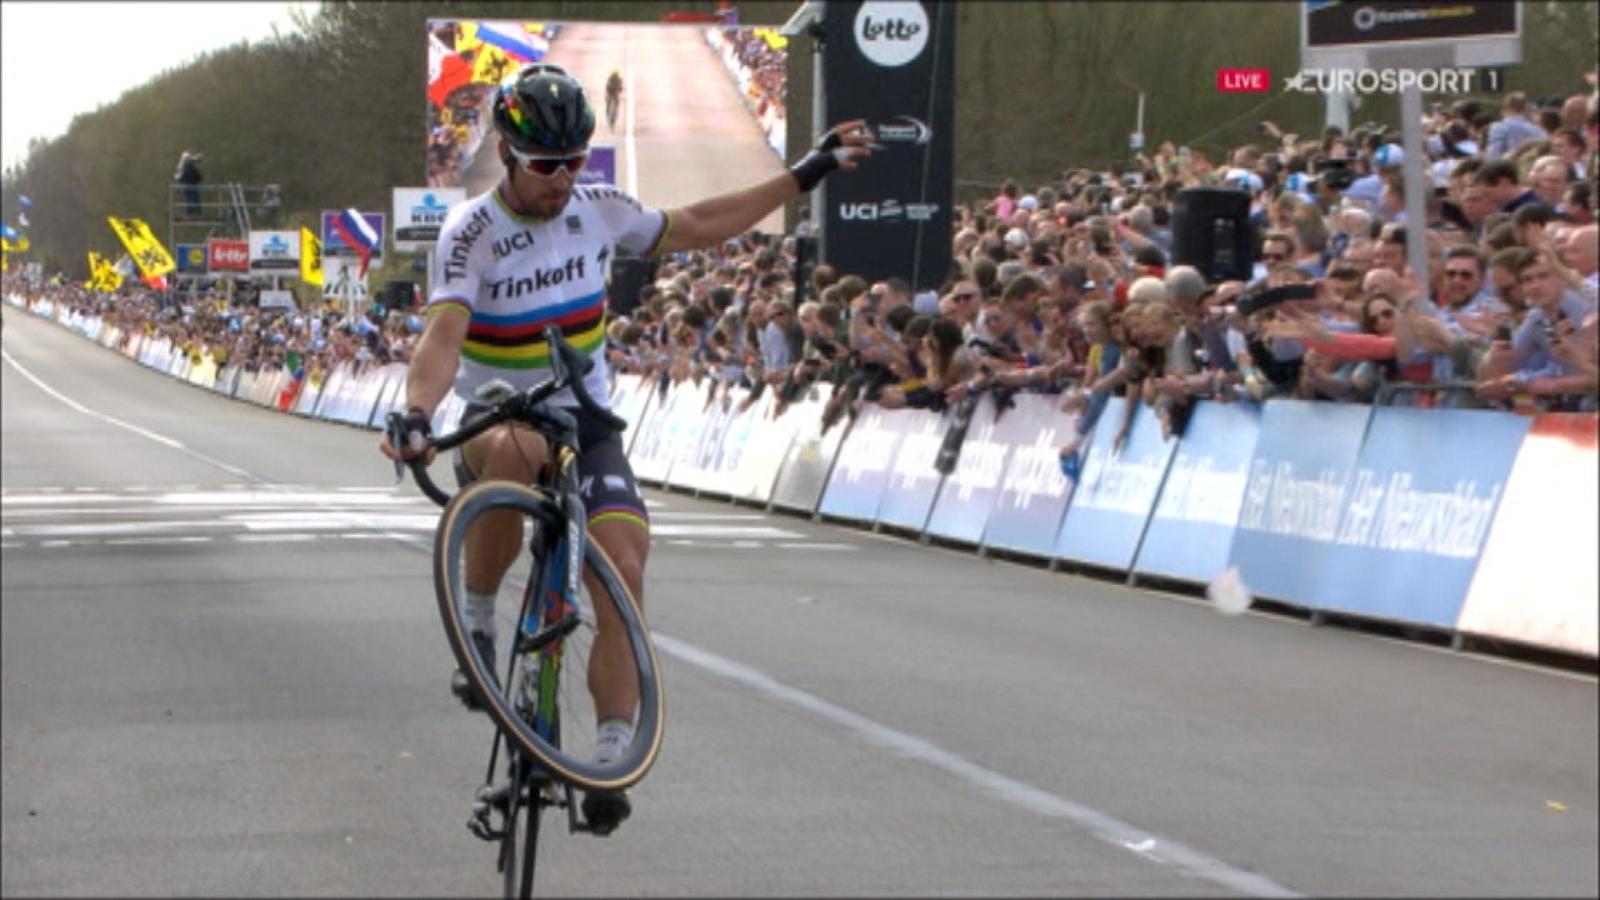 VIDÉO - A l'arrivée, Sagan a pu savourer et fêter son ...